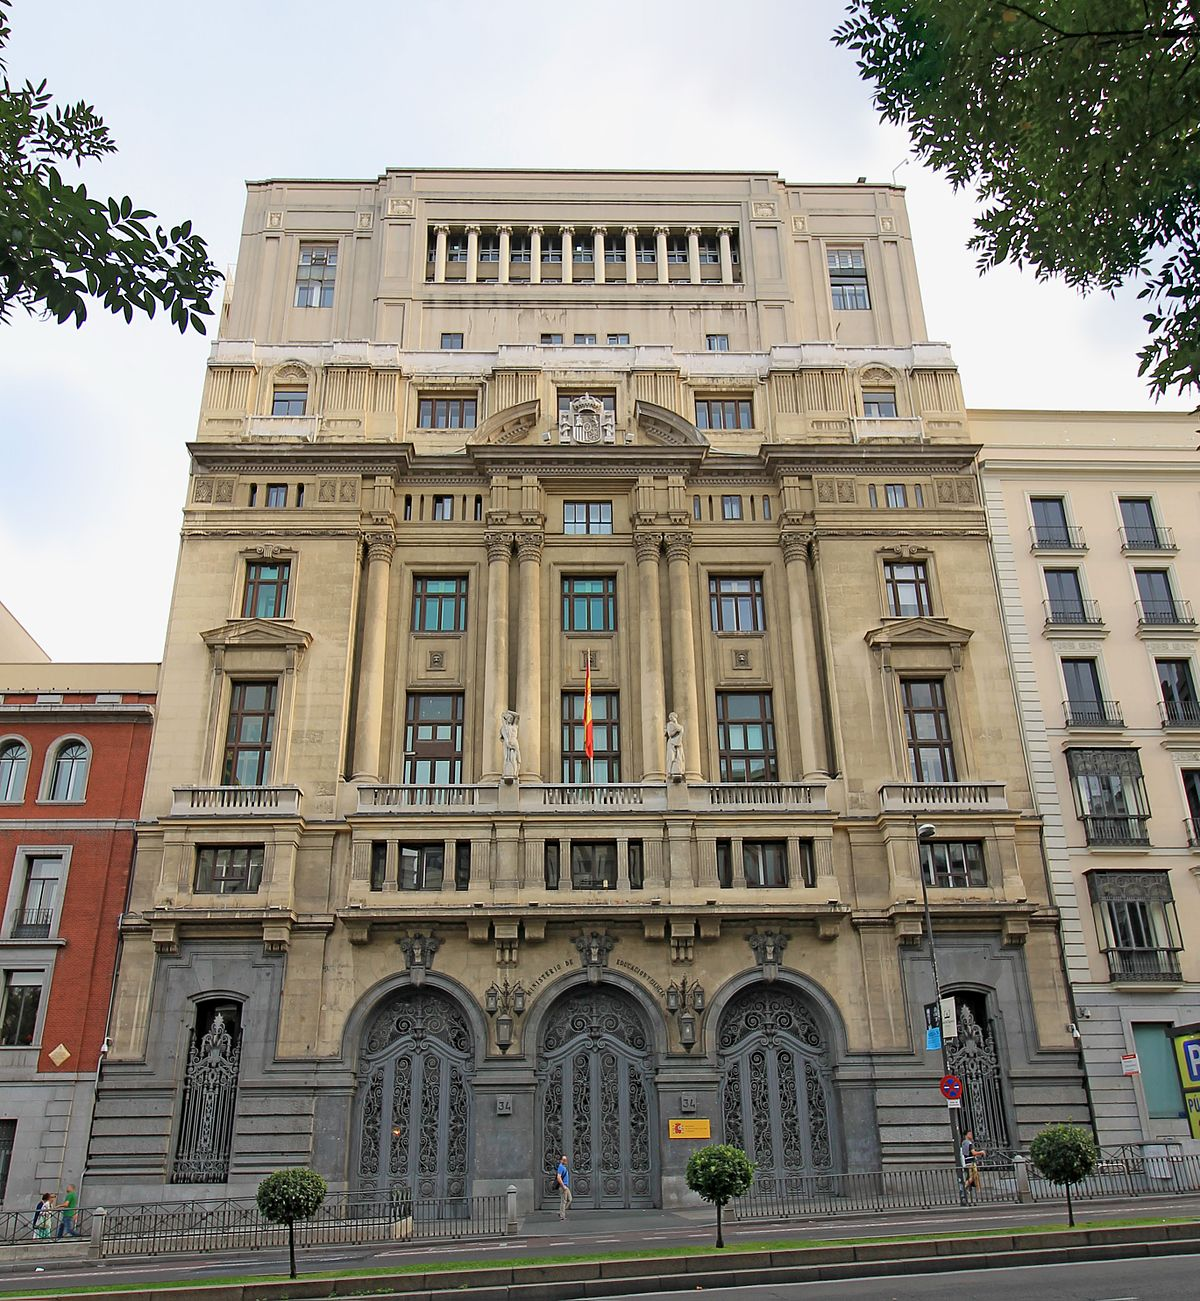 La sede del ministerio de educación.